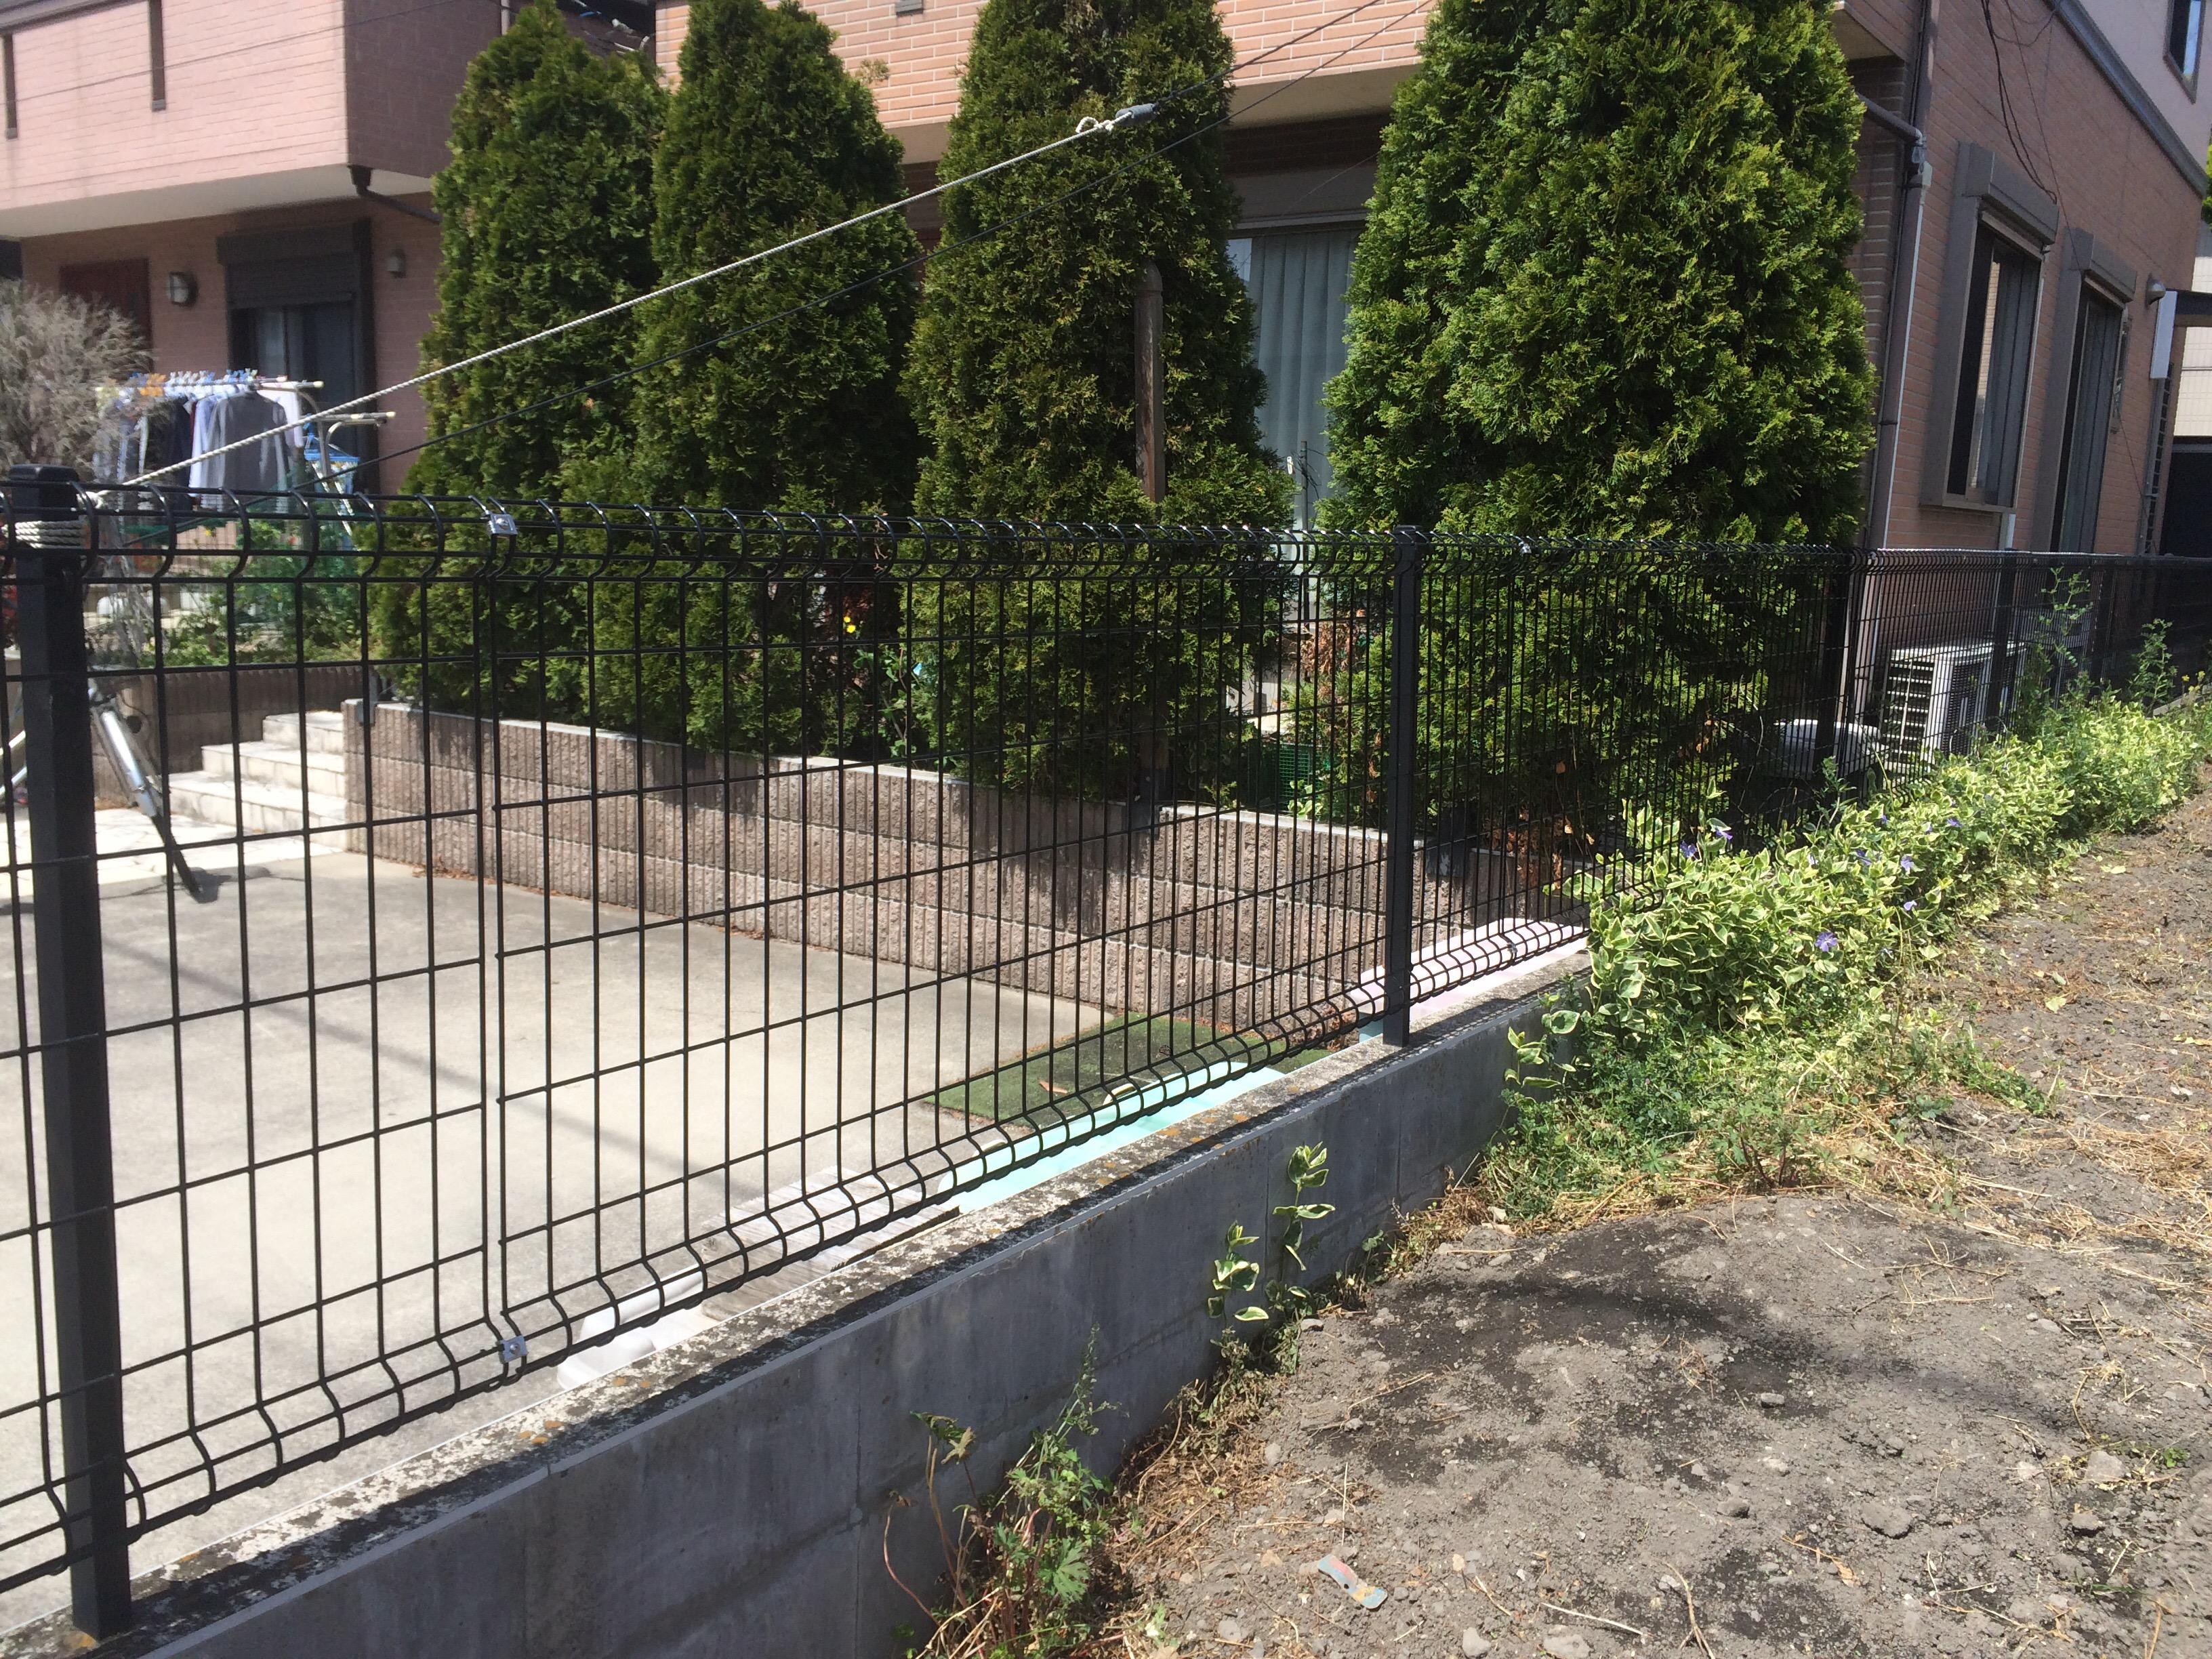 伊奈町Y様邸フェンス交換修理工事 | 埼玉県・上尾のトイレ交換 ...